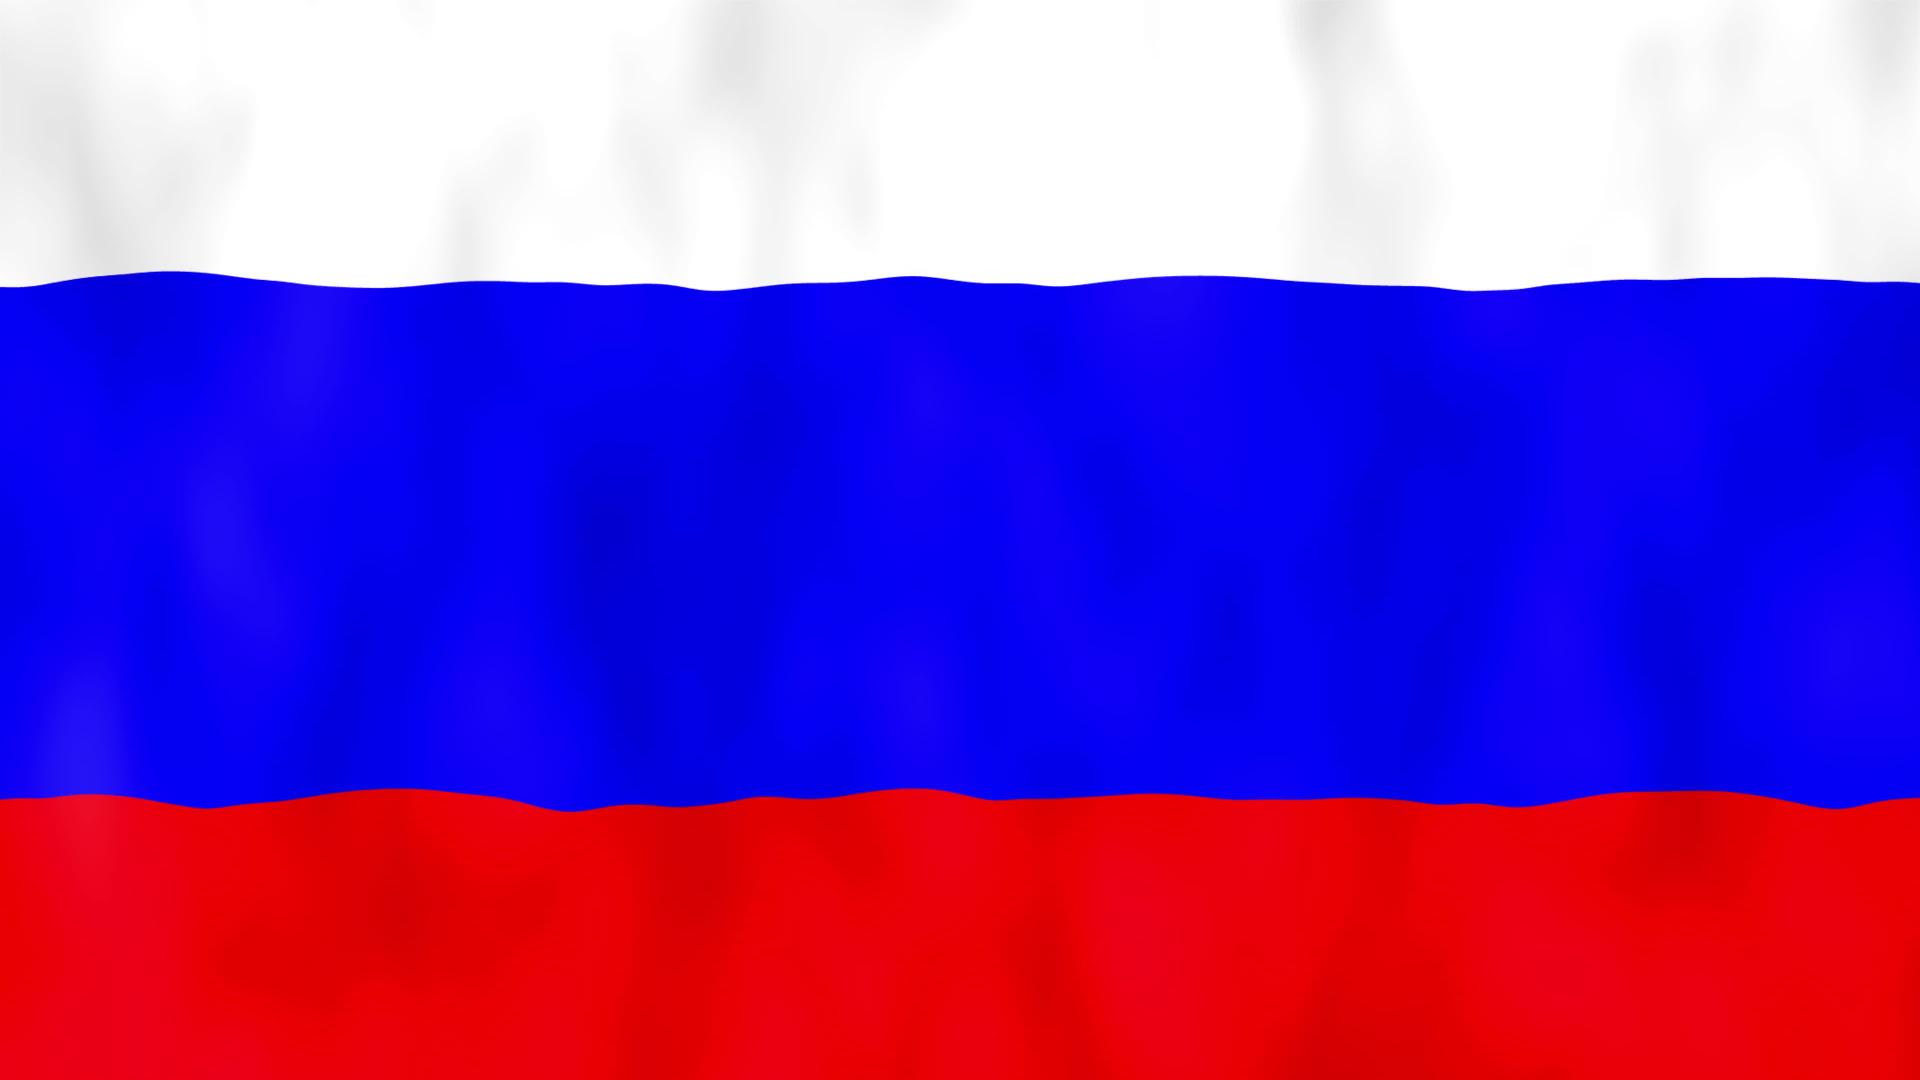 Картинка флаг россии цвета